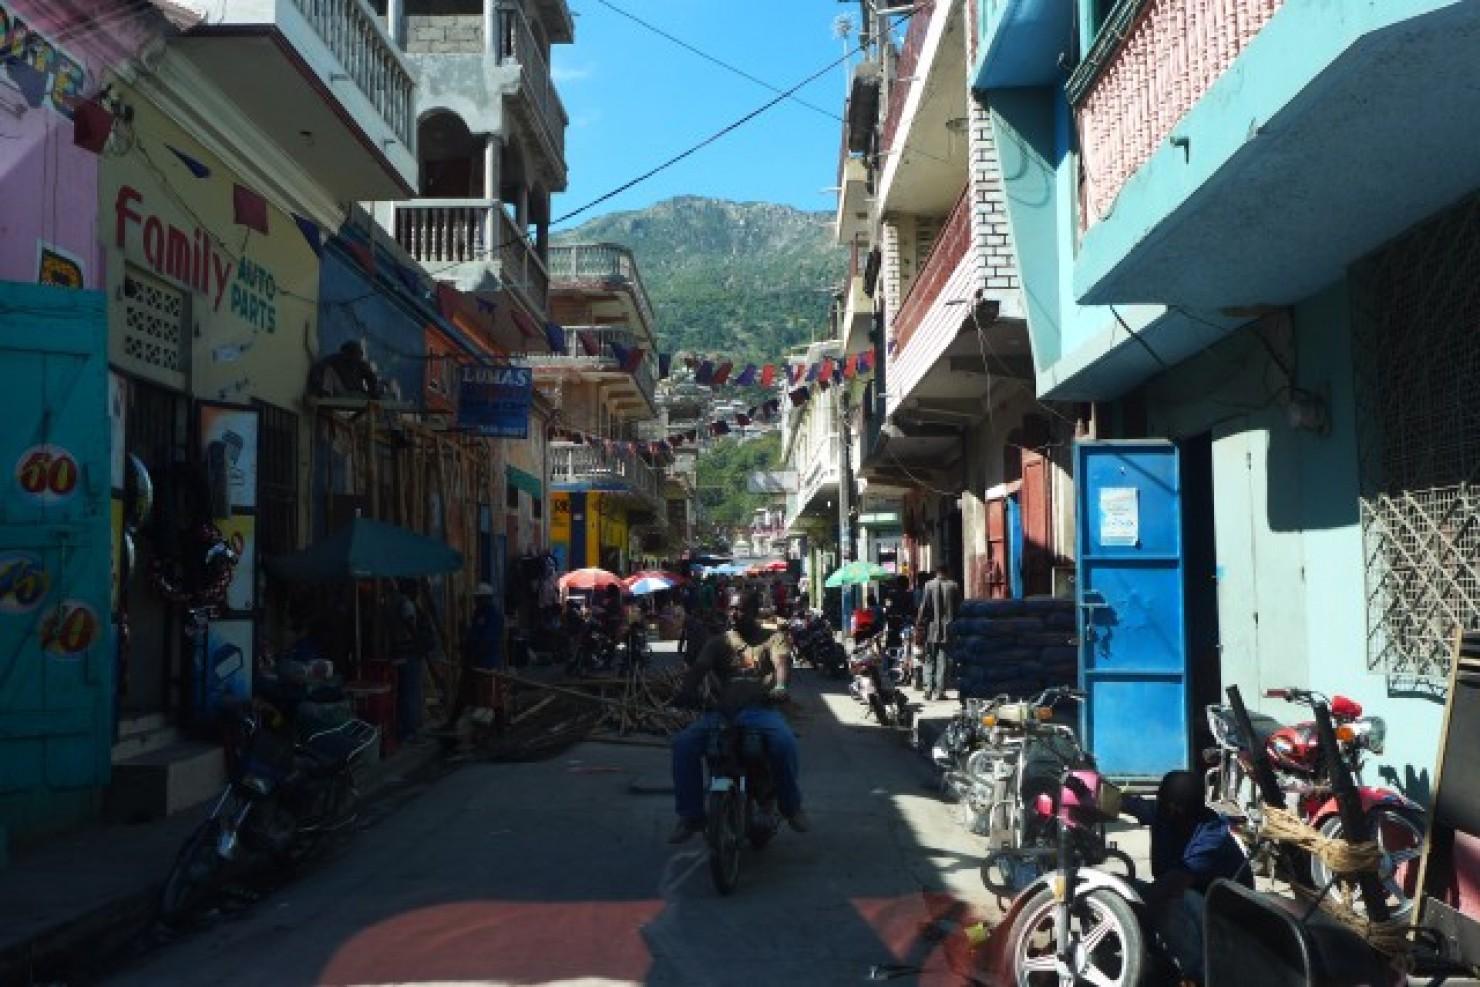 Haiti: Unable to Forgive Past Grievances